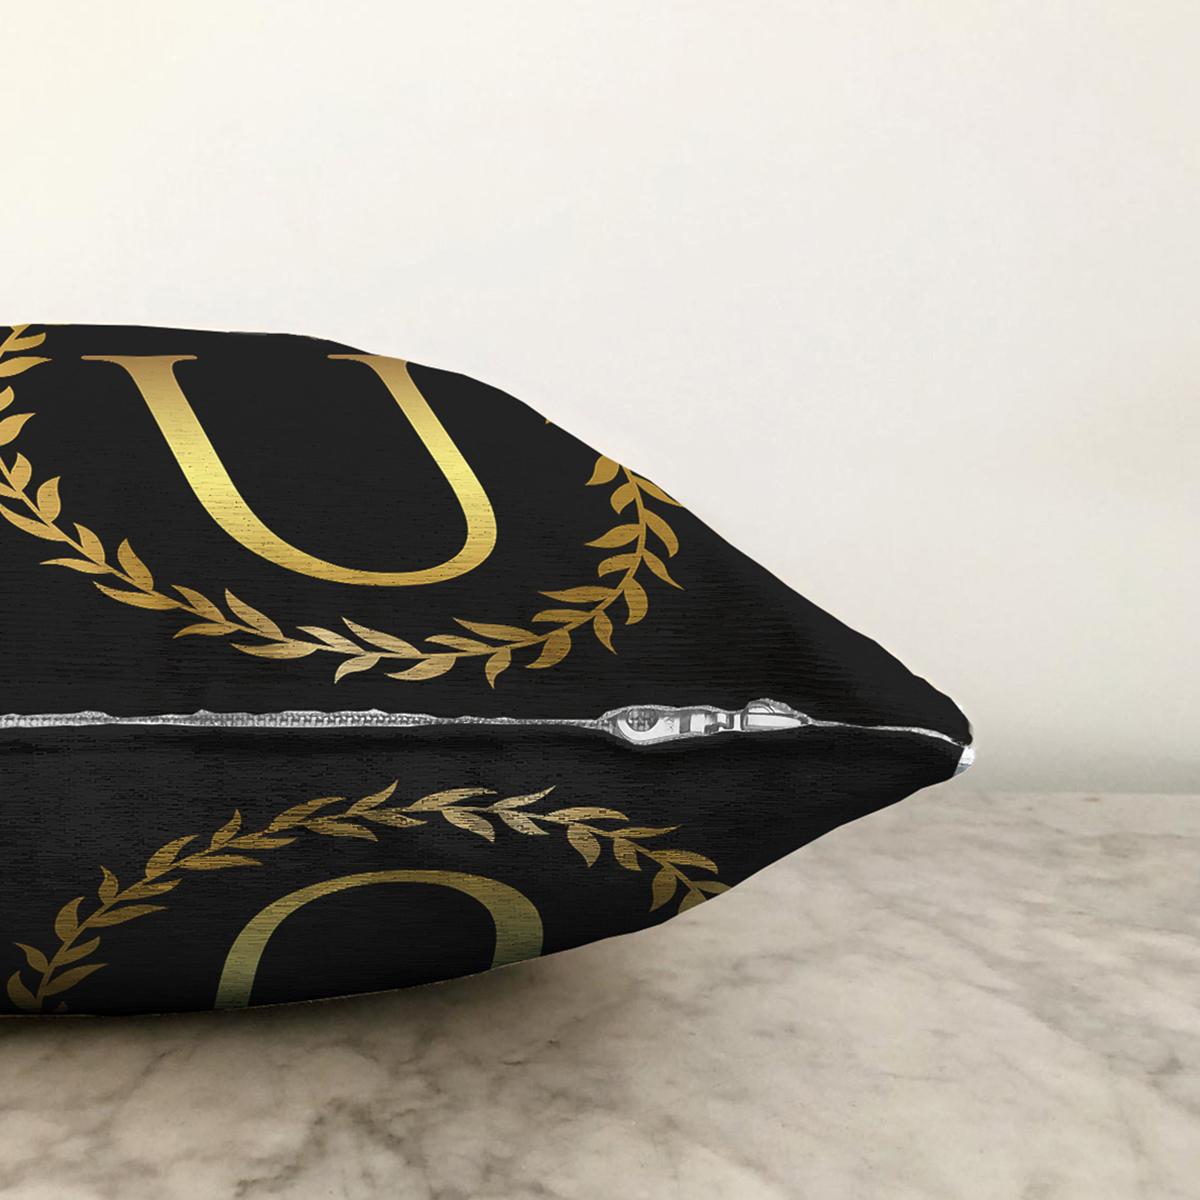 Siyah Zemin Gold Yaprak Çerçeveli U Harfi Özel Tasarım Dijital Baskılı Şönil Yastık Kırlent Kılıfı Realhomes